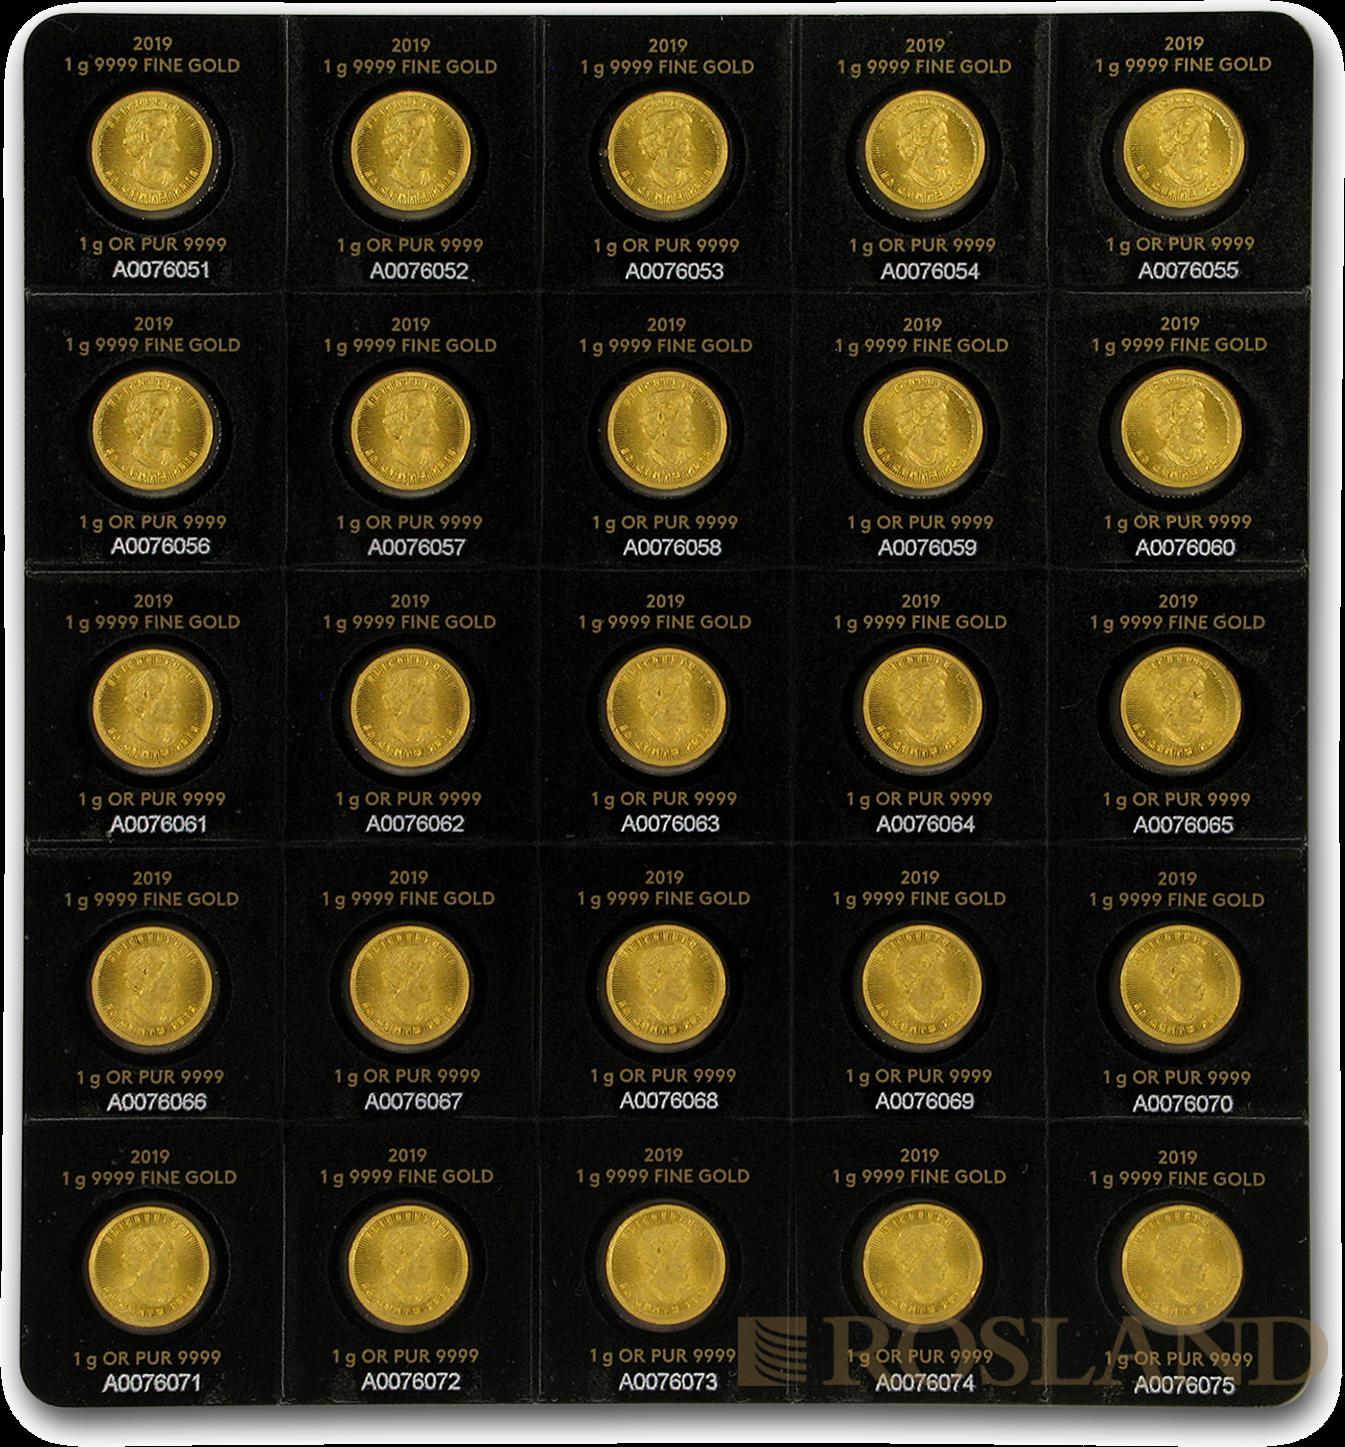 25x1 Gramm Goldmünze Maple Leaf 2019 (Maplegram25™)